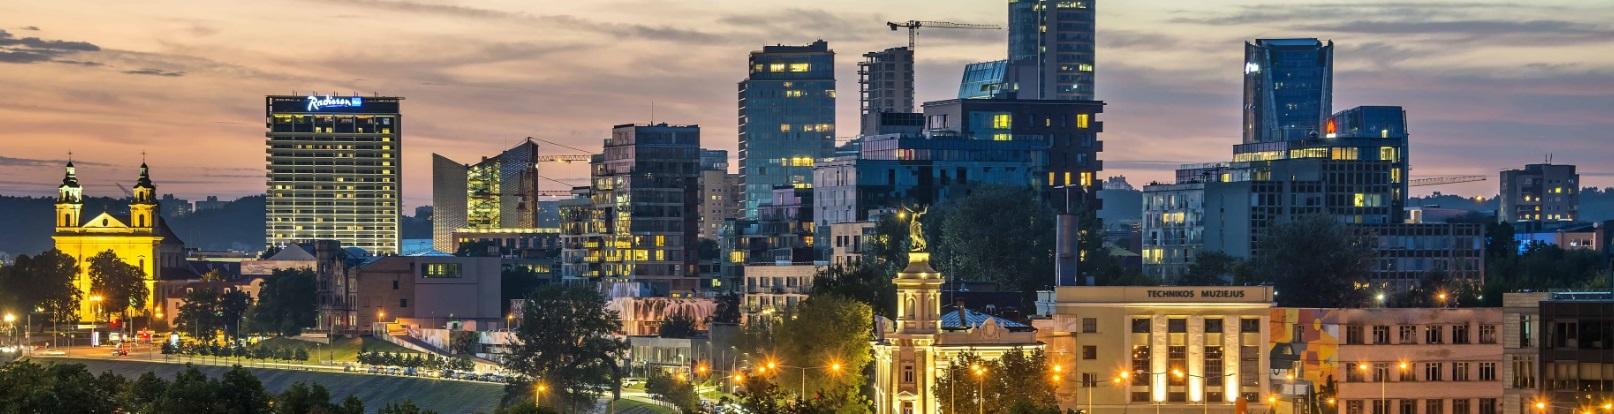 Vilniaus apskrities bendrija